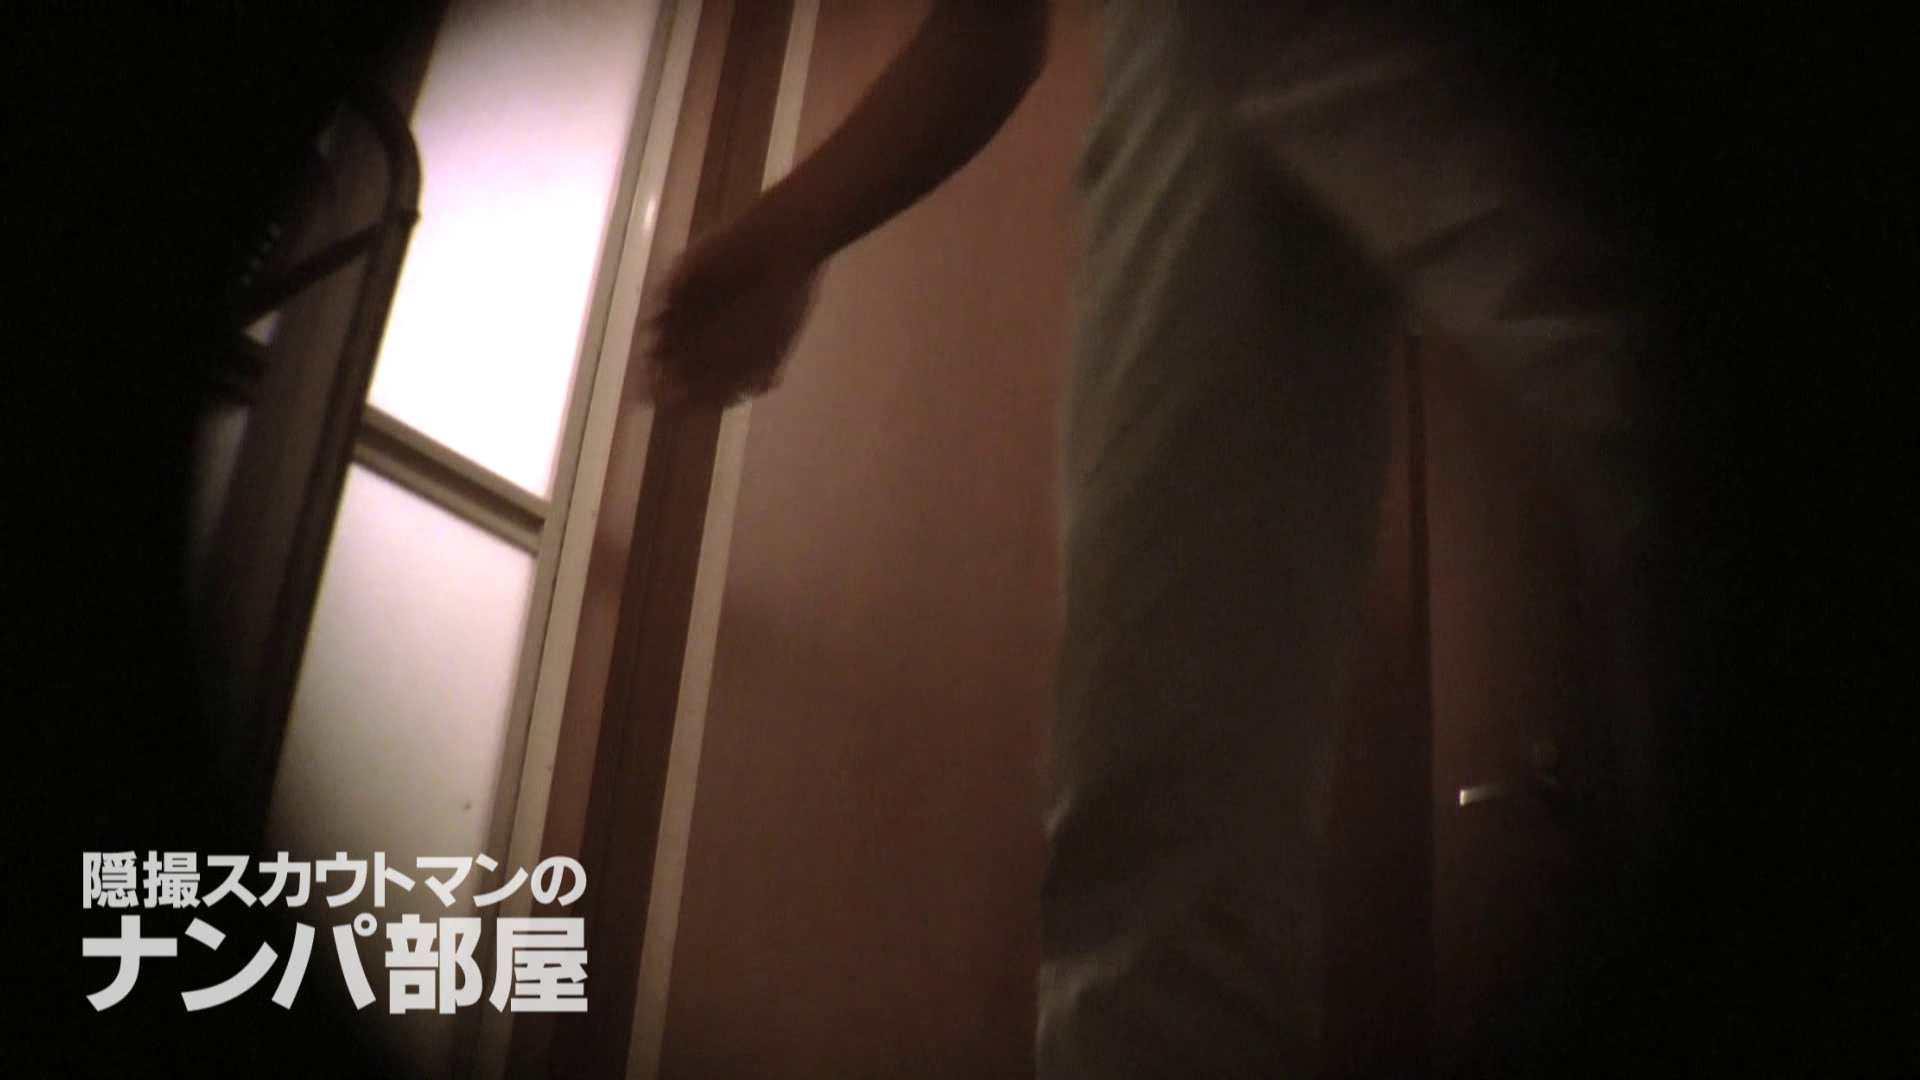 隠撮スカウトマンのナンパ部屋~風俗デビュー前のつまみ食い~ sii 隠撮  84連発 36